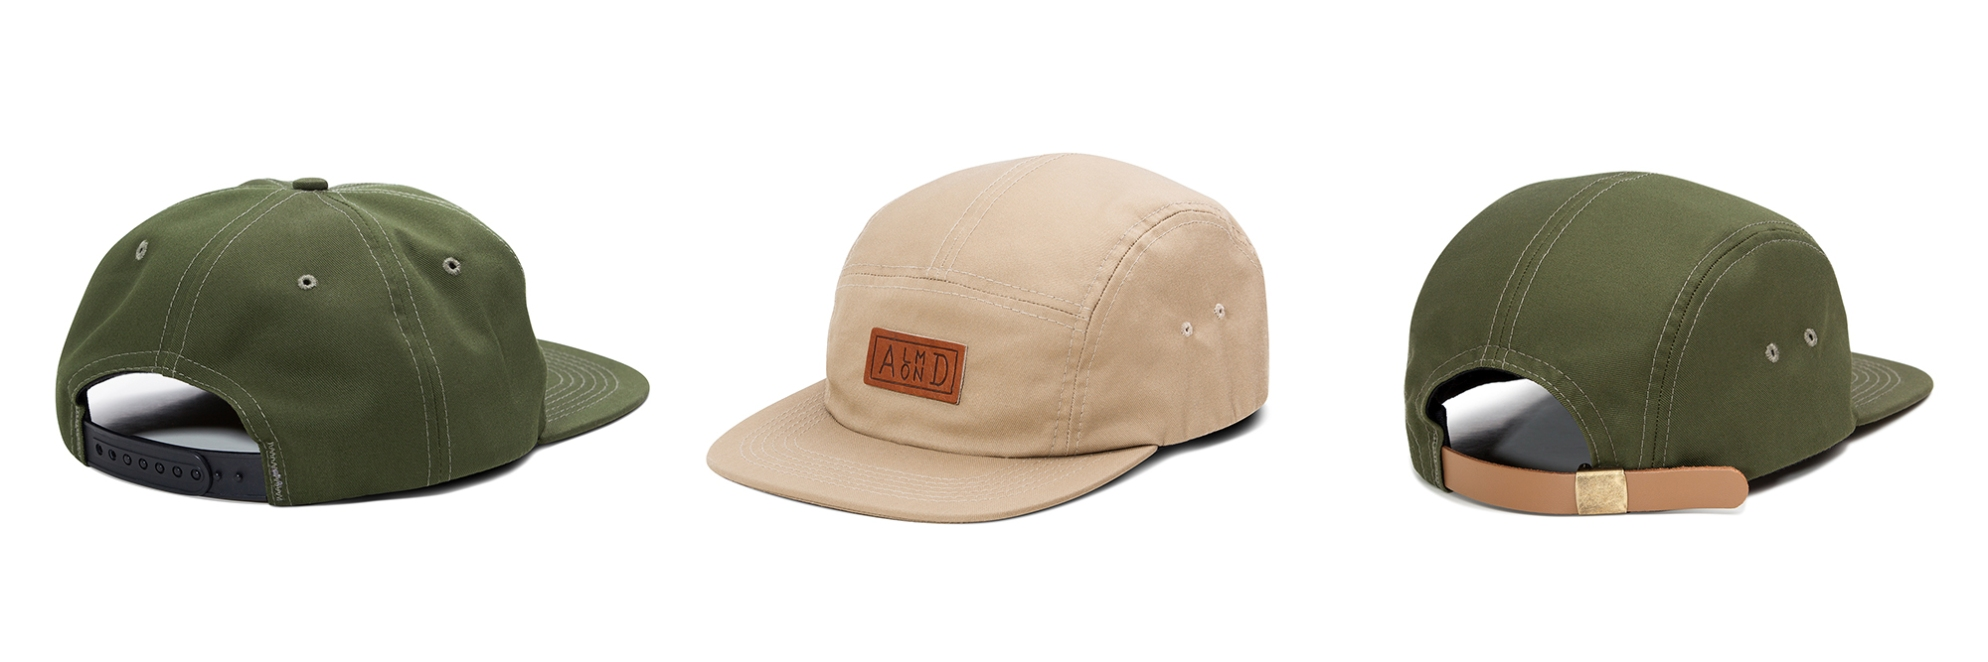 3_hats_B